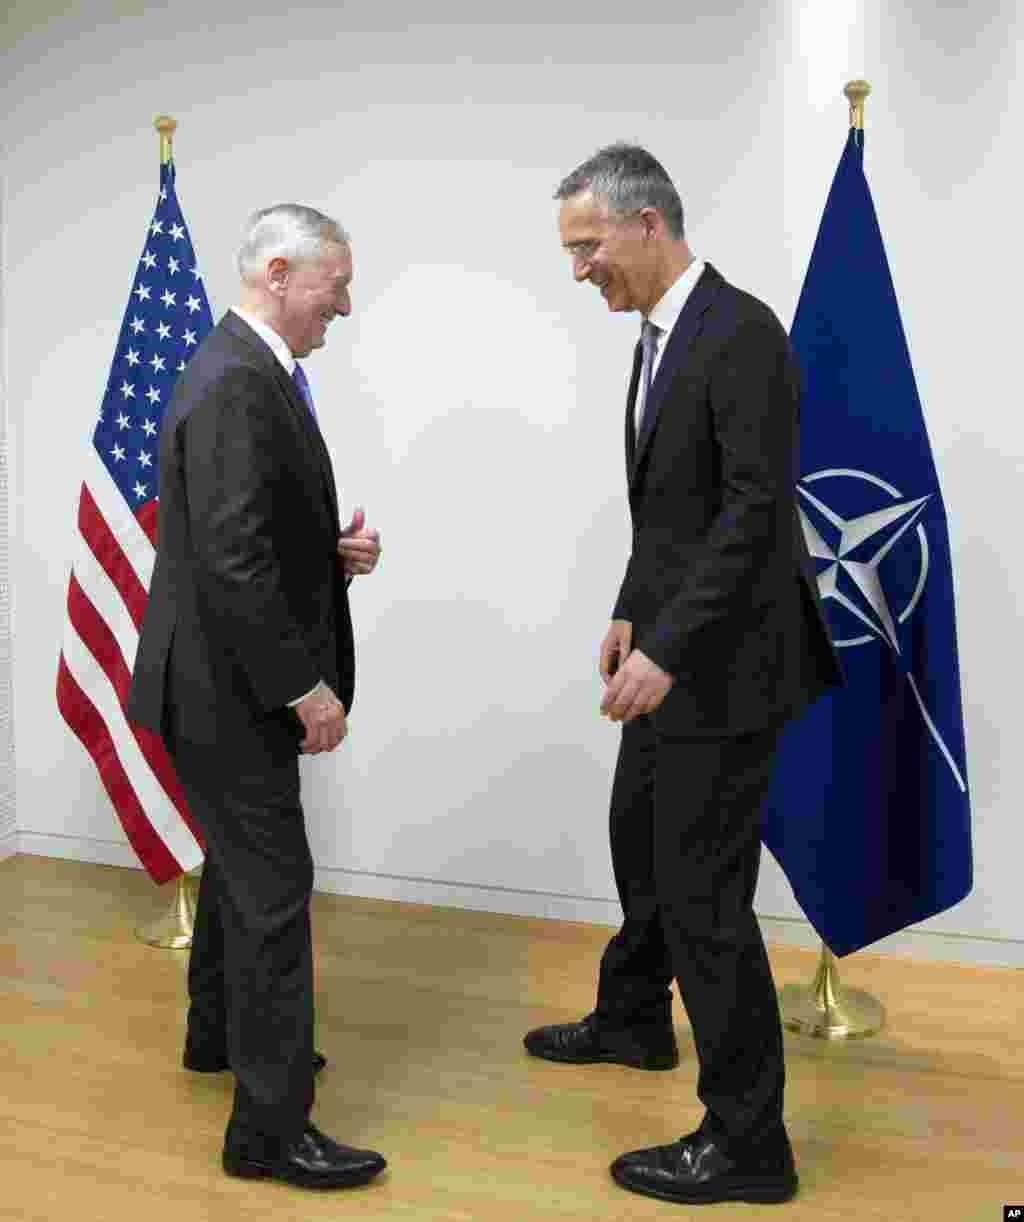 عکس جالب جیمز متیس وزیر دفاع ایالات متحده (چپ) با ینز ستولتنبرگ سرمنشی ناتو در بروکسل